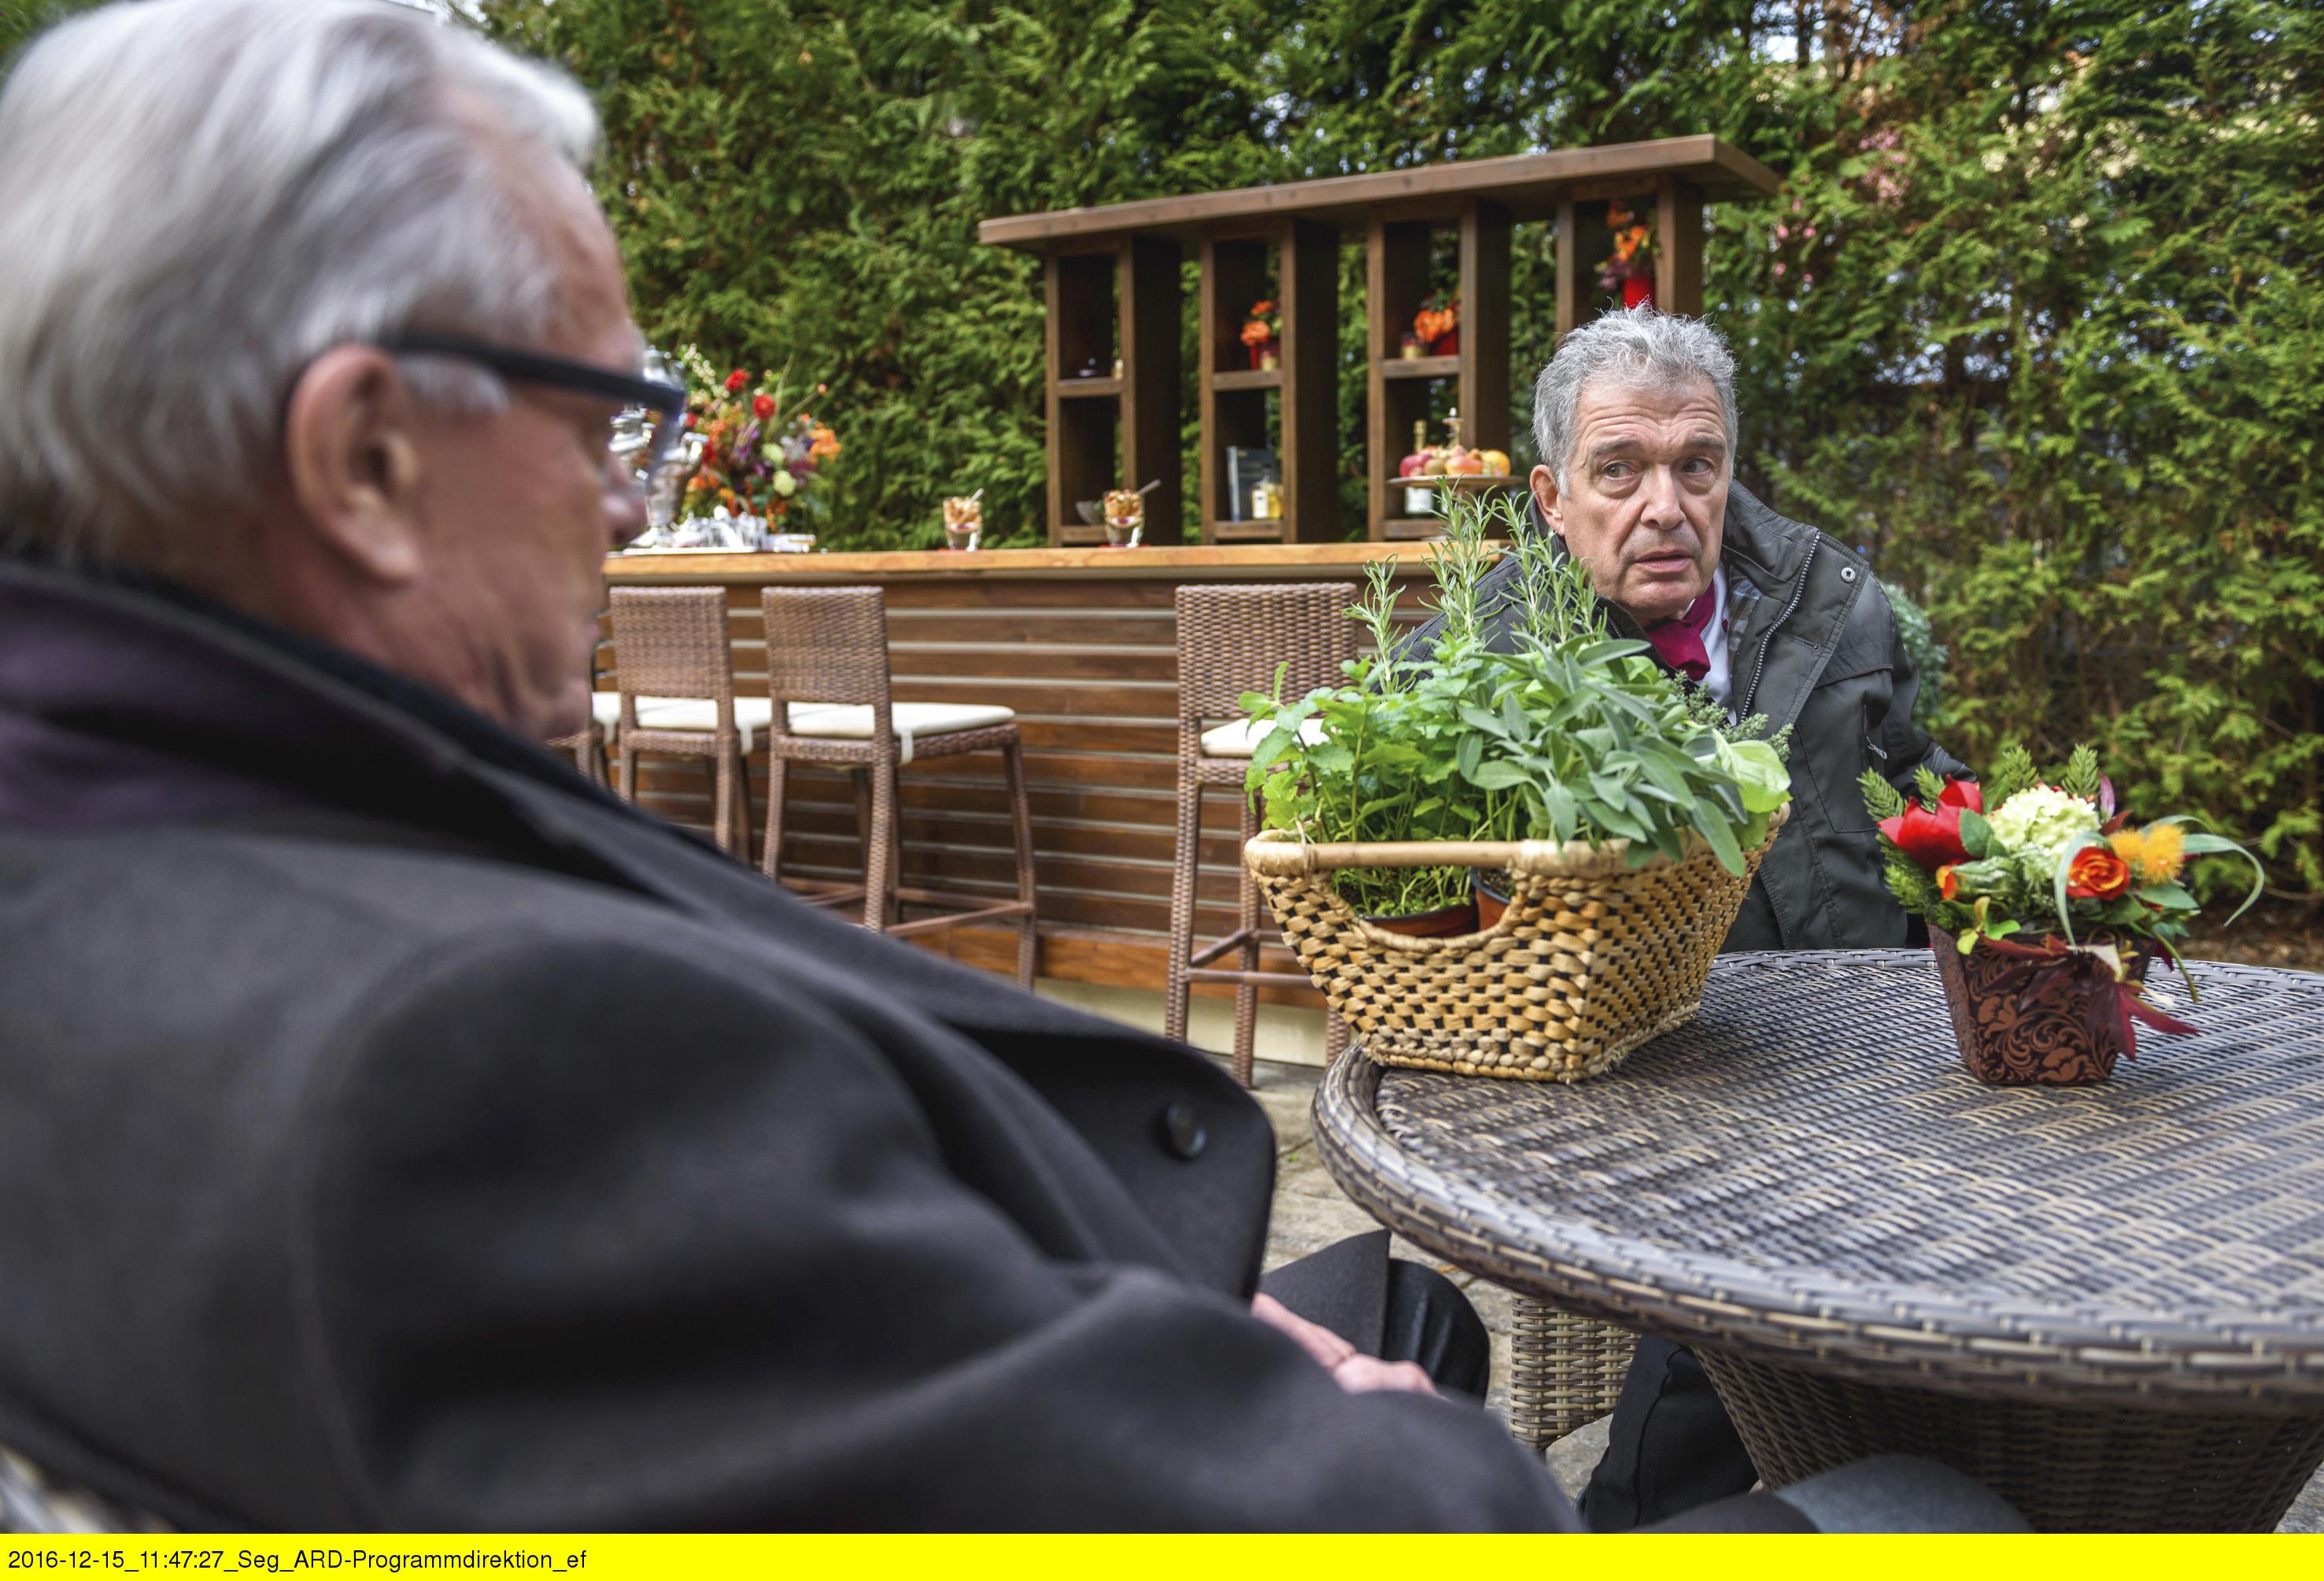 ARD STURM DER LIEBE FOLGE 2626, am Freitag (03.02.17) um 15:10 Uhr im ERSTEN. Werner (Dirk Galuba, l.) und André (Joachim Lätsch, r.) unterhalten sich über Saskia. (Quelle: ARD/Christof Arnold)